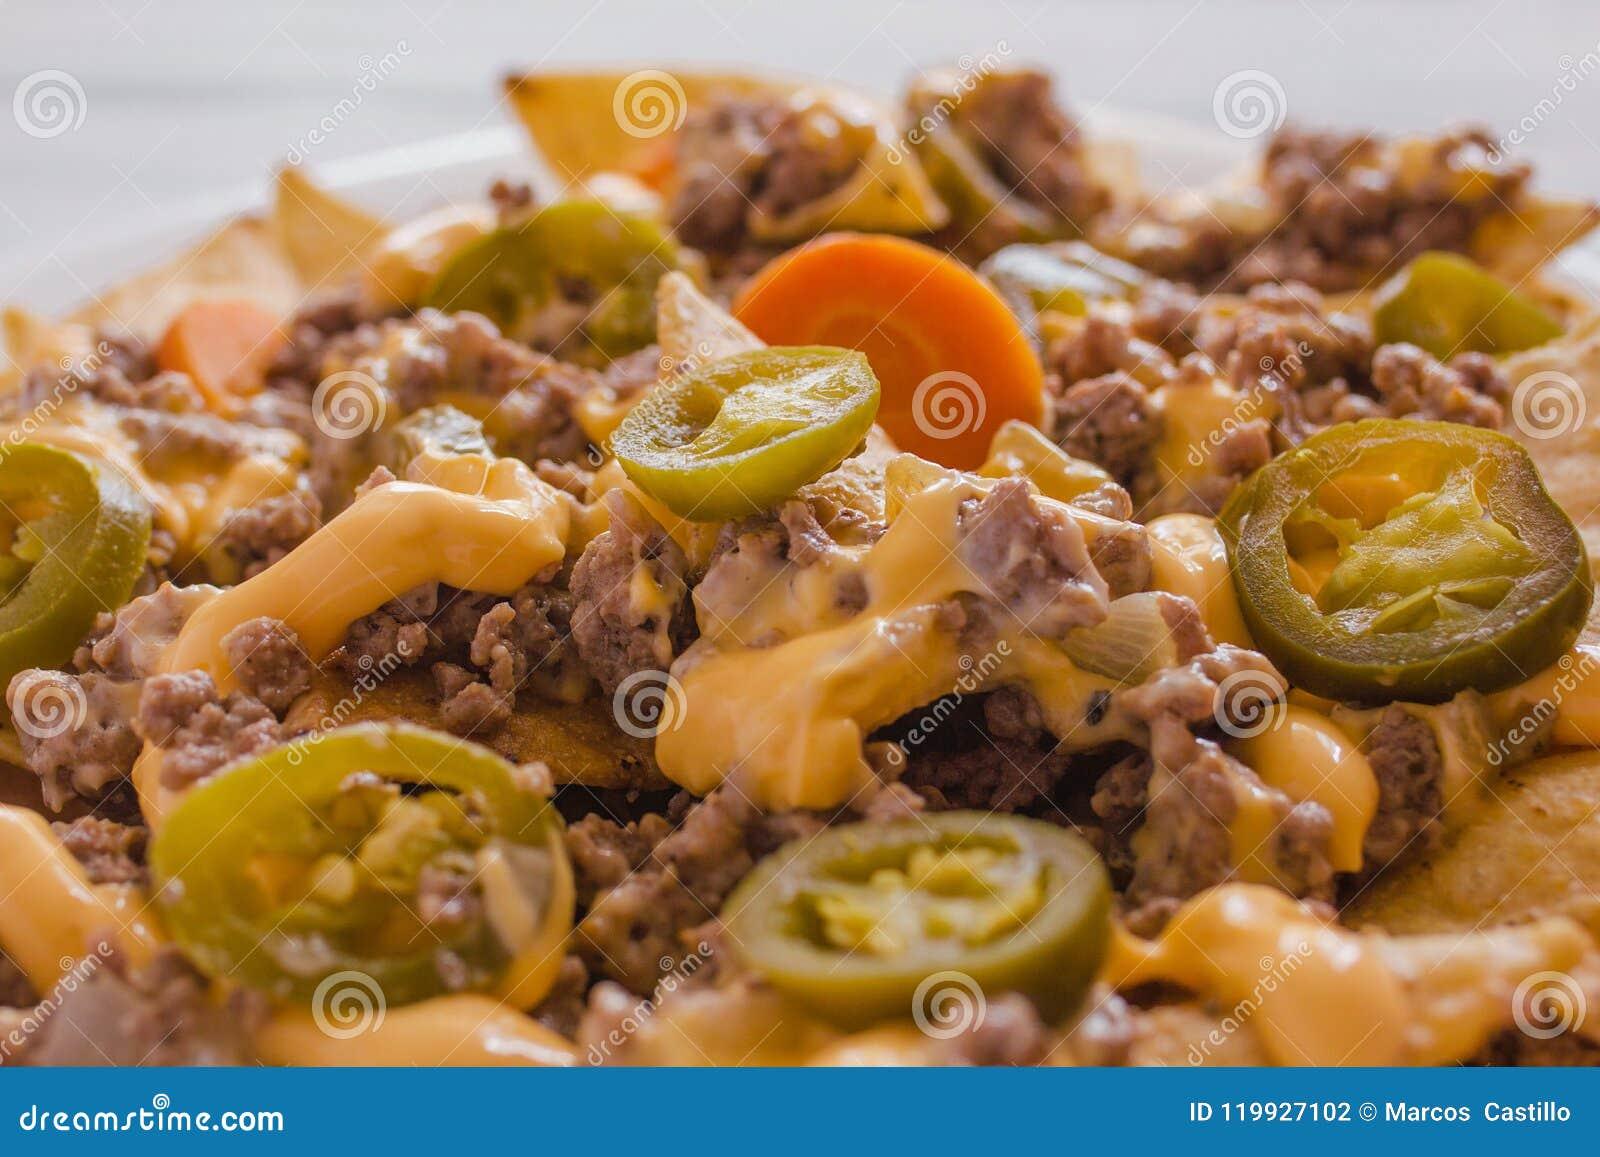 O Nacho lasca o milho decorado com carne picada, queijo derretido, alimento picante mexicano das pimentas dos jalapeños em Méxic